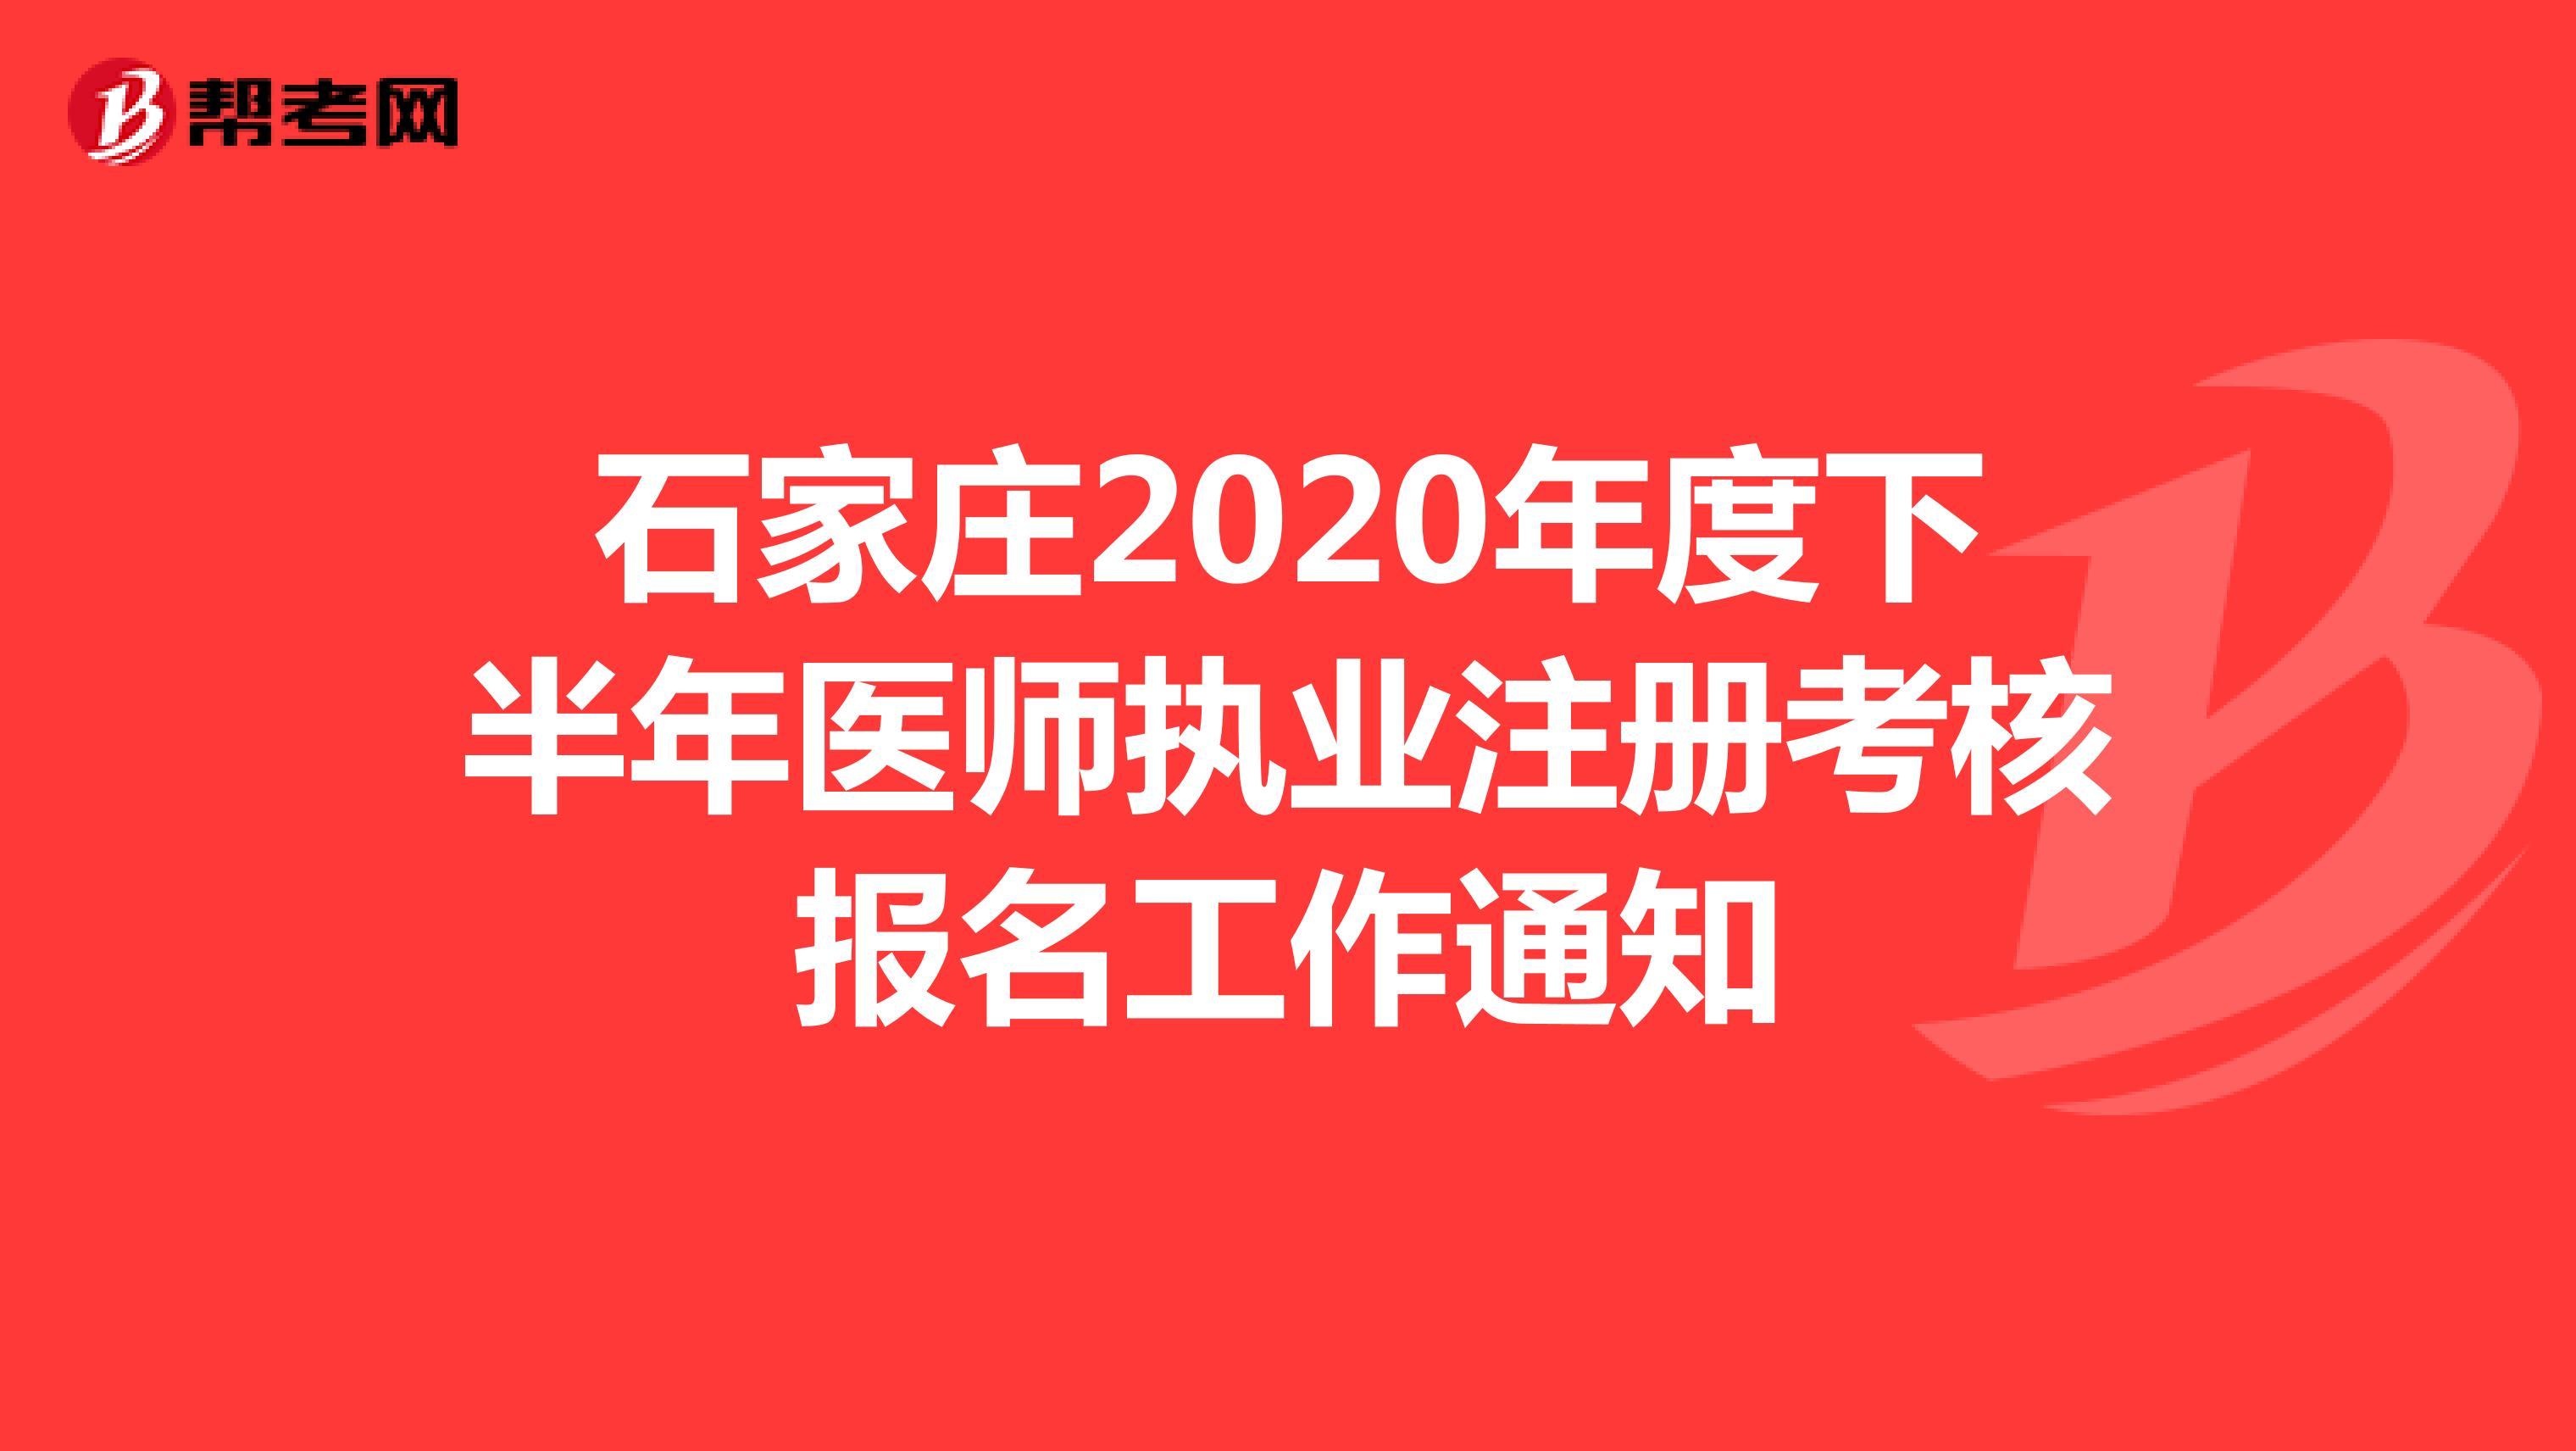 石家莊2020年度下半年醫師執業注冊考核報名工作通知